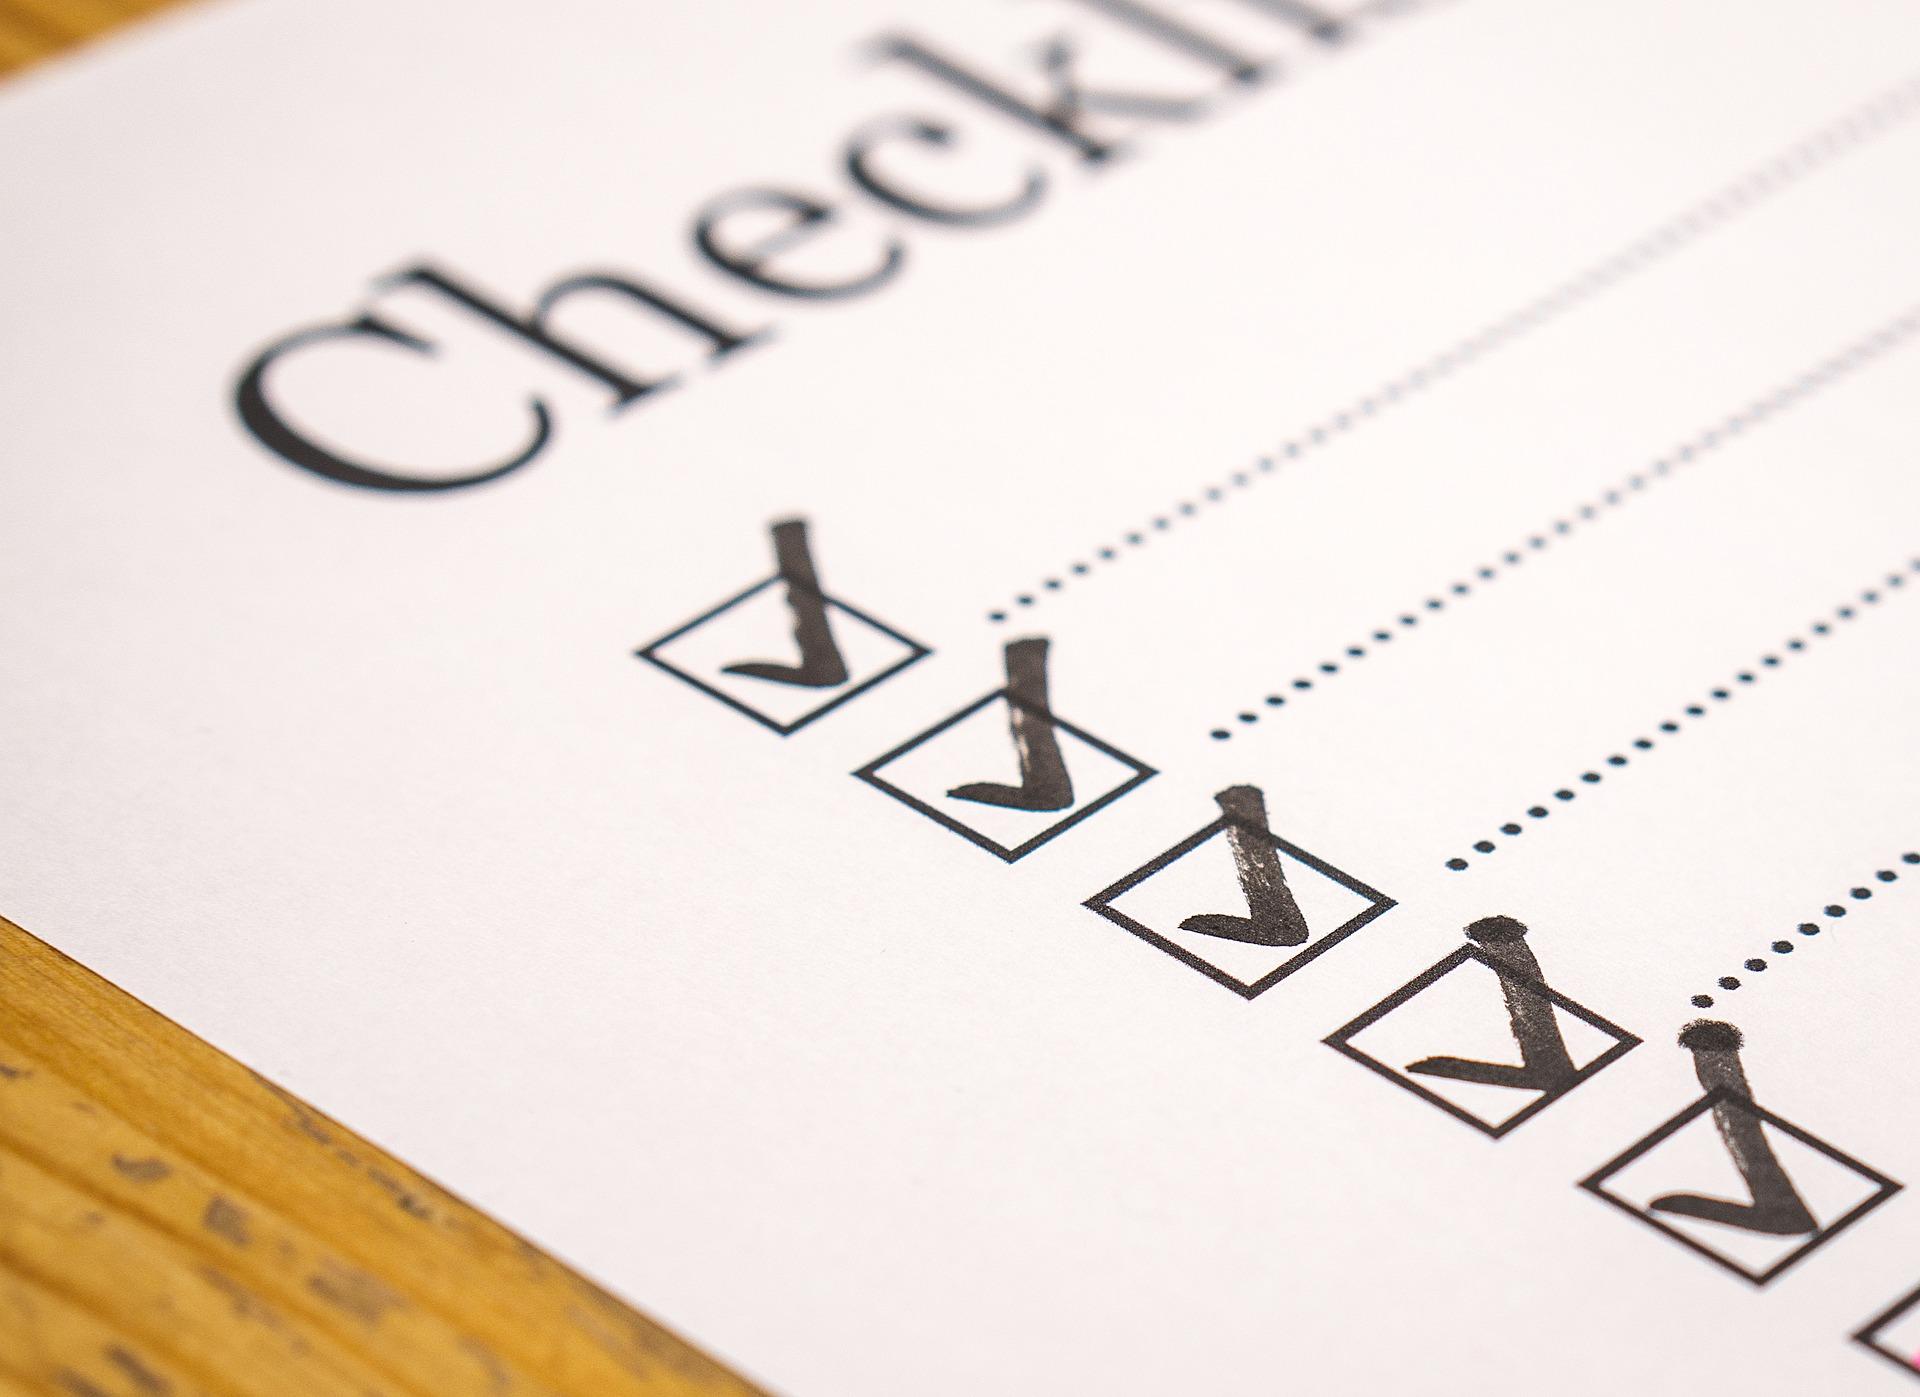 61-checklist-2077018_1920_test durabilité